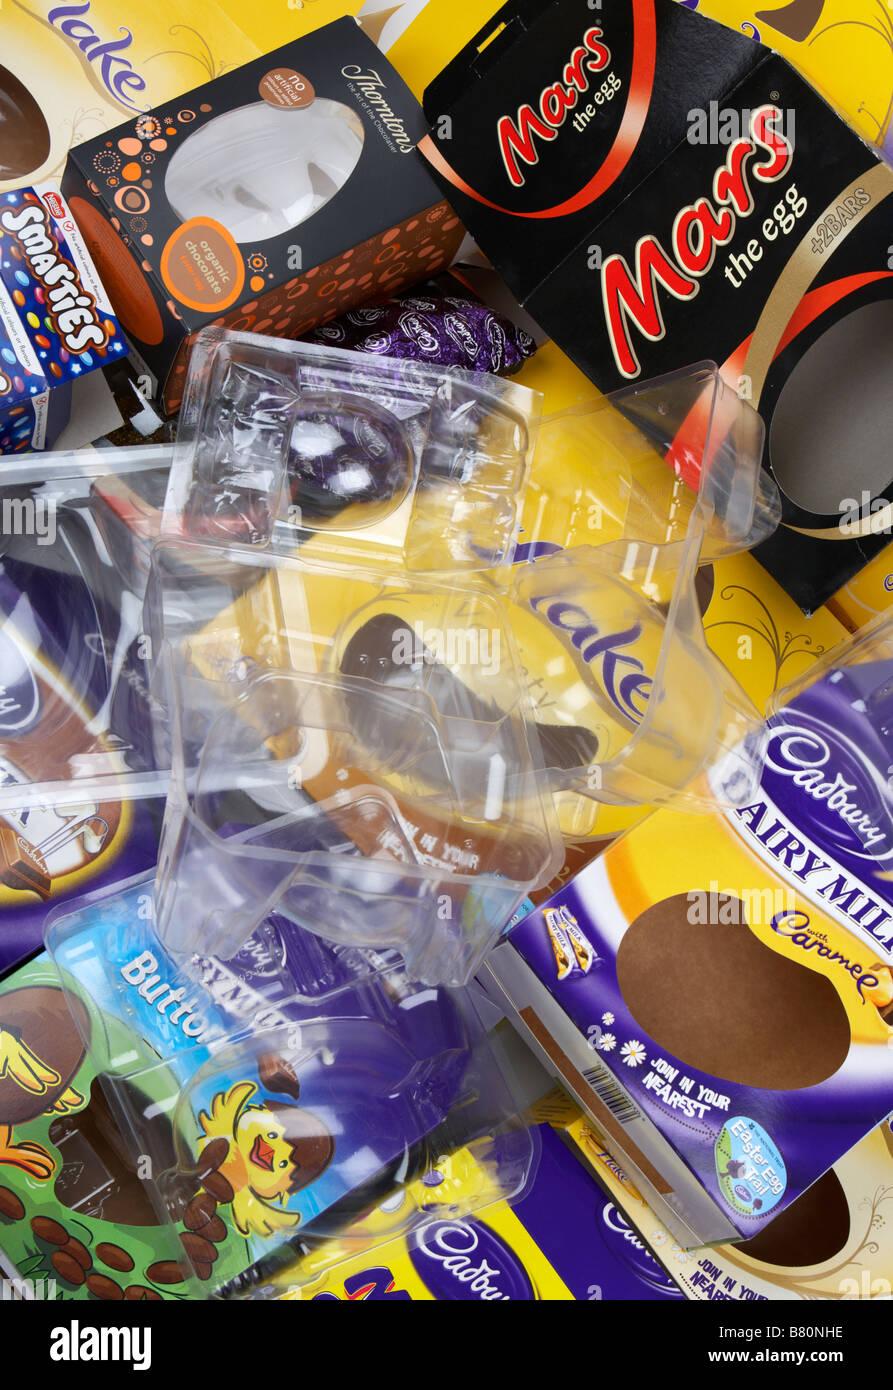 Pile de boîtes d'oeufs de pâques vide divers emballages et cartons de constructeurs britanniques Banque D'Images